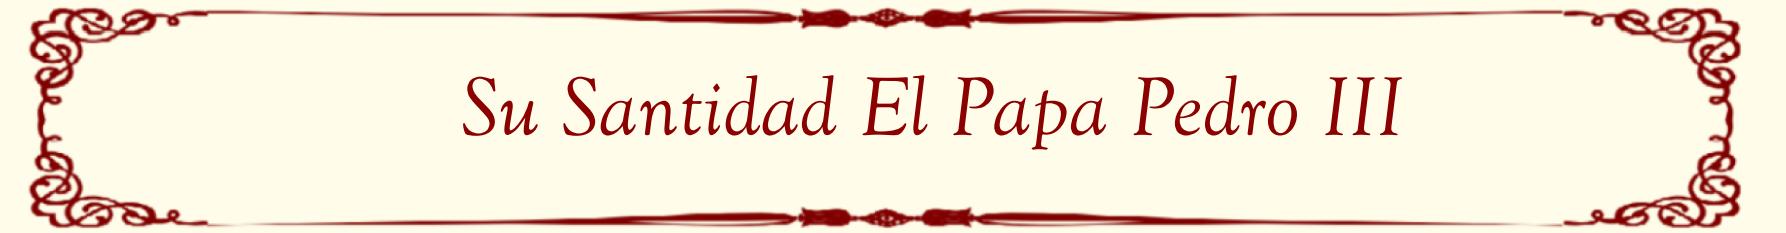 Su Santidad el Papa Pedro III